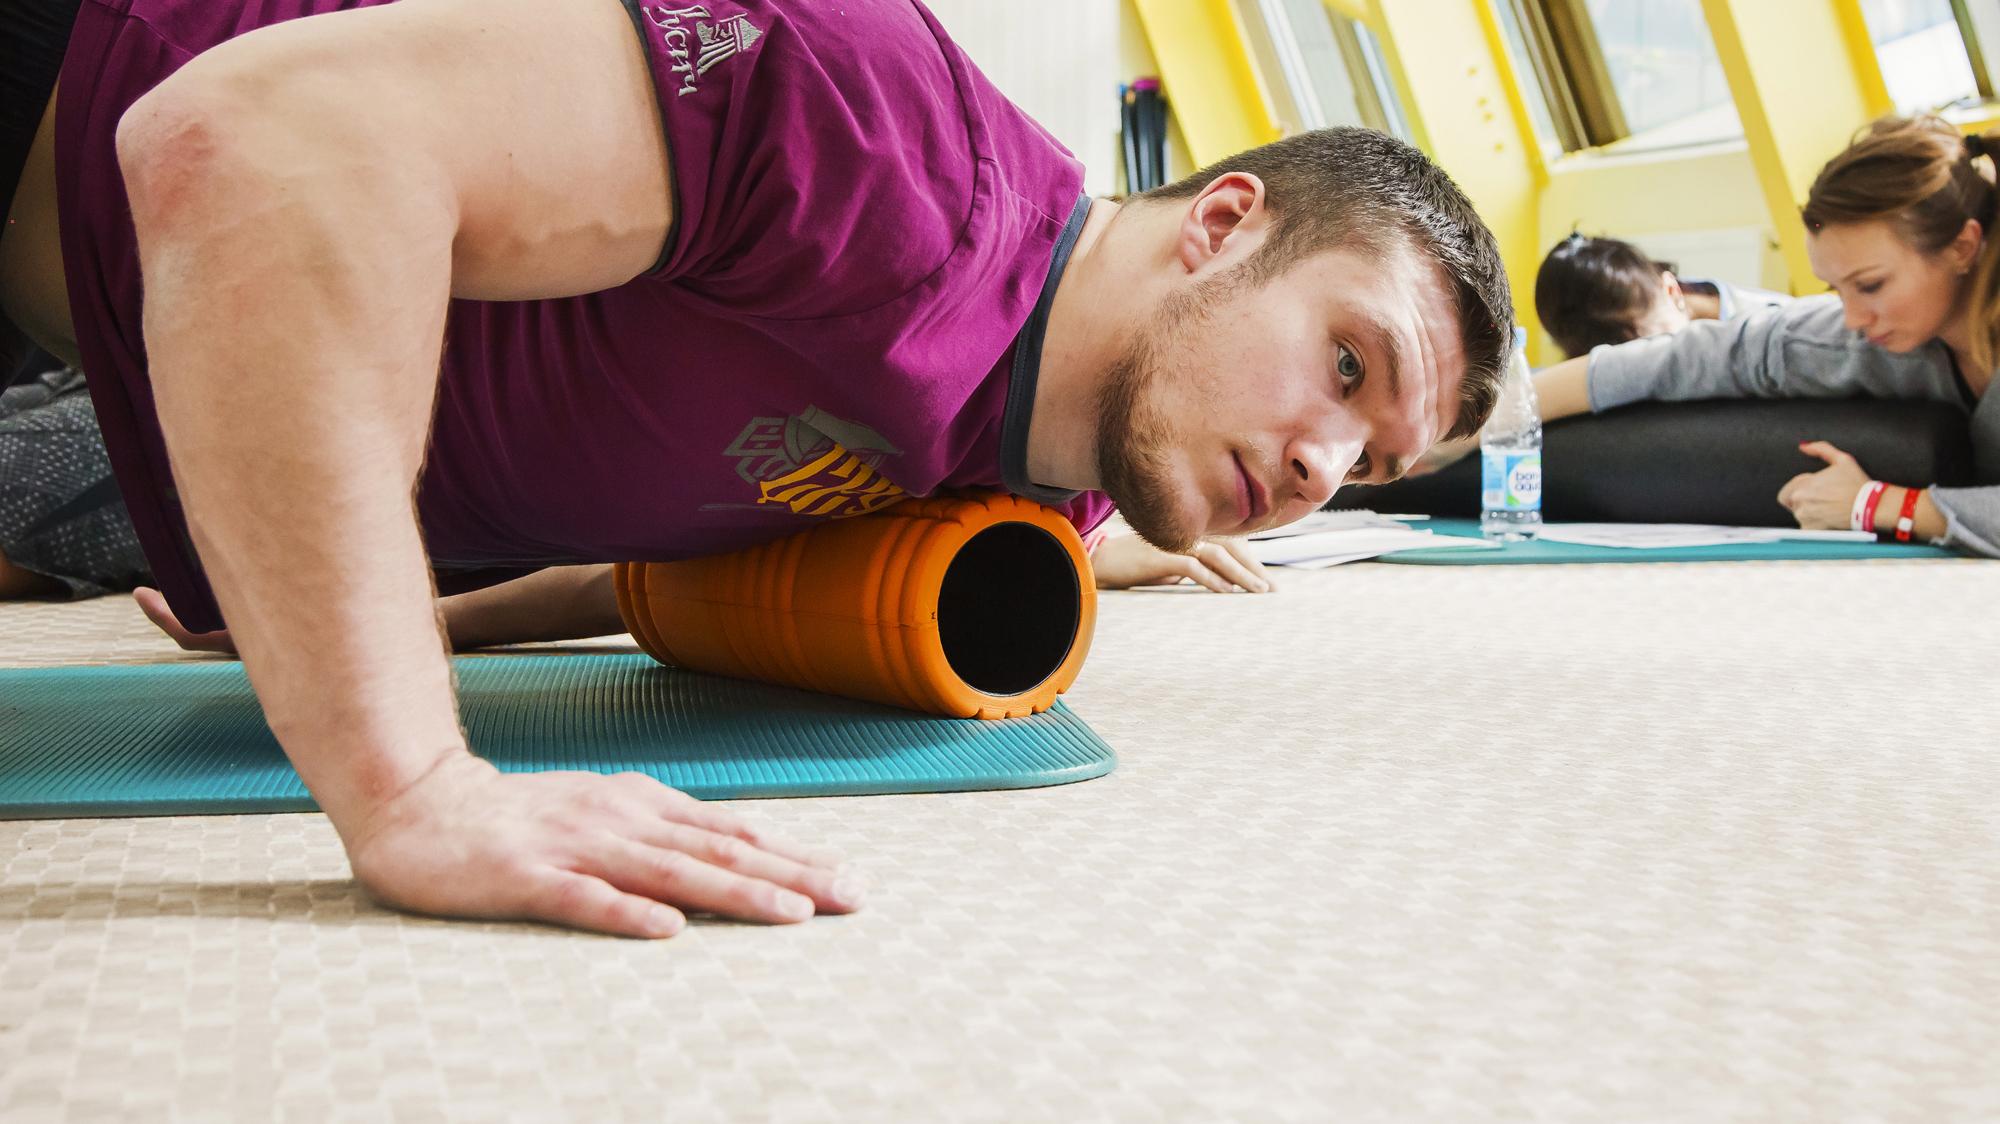 Миофасциальный релиз: что это такое, комплекс фитнес упражнений на расслабление мышц